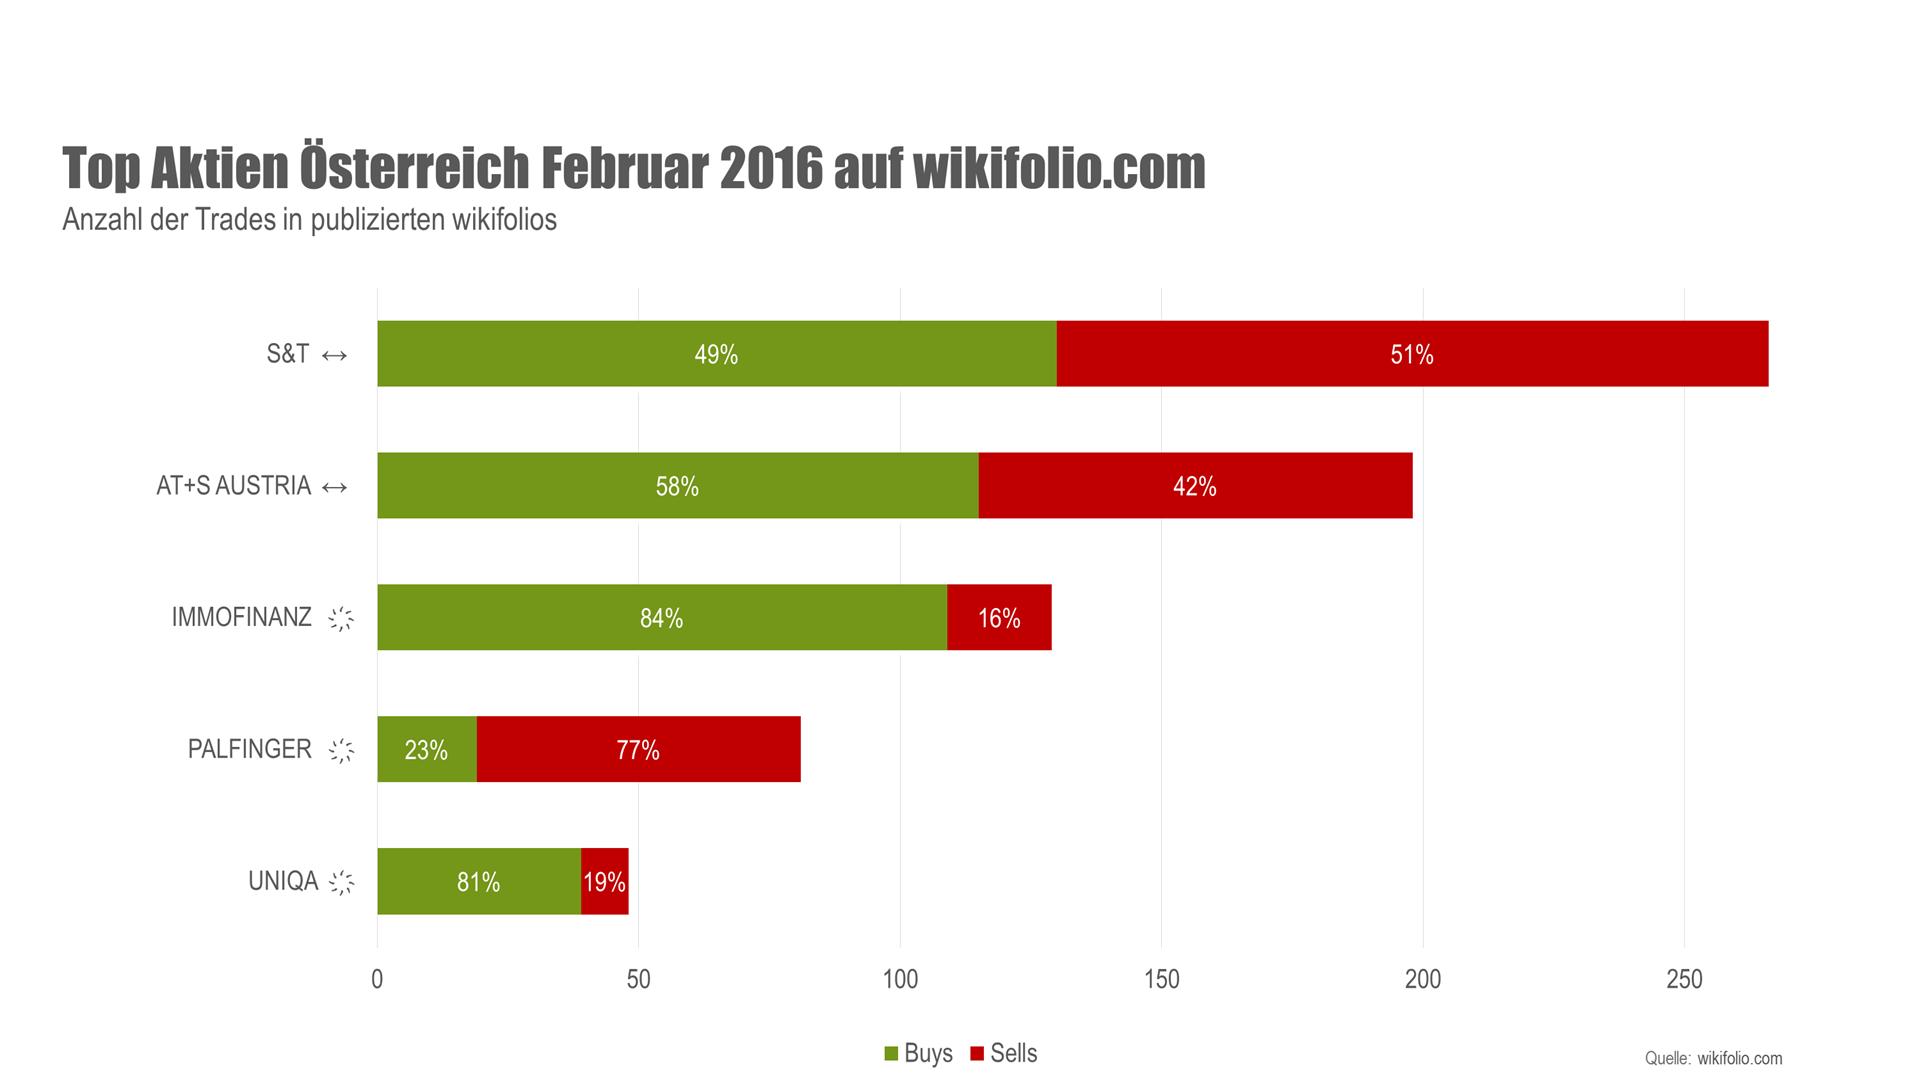 Top Aktien Österreich Februar 2016